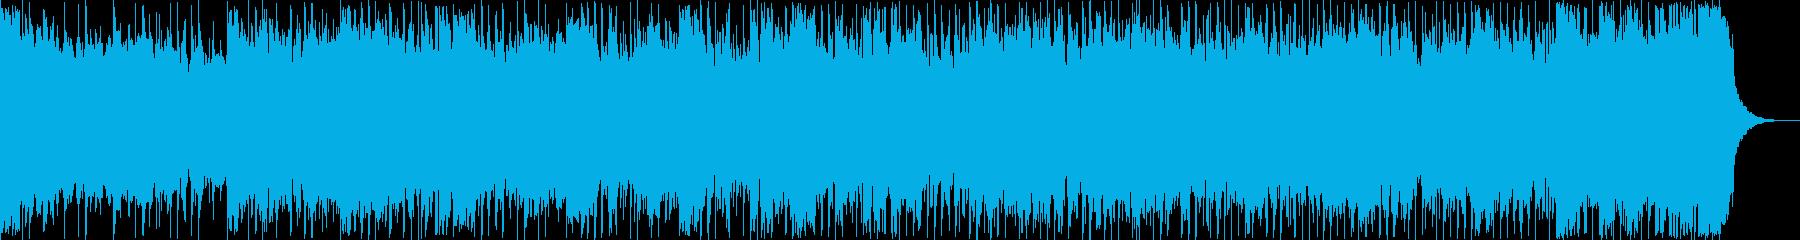 勇壮、スロー、ダークなメタルチューンの再生済みの波形